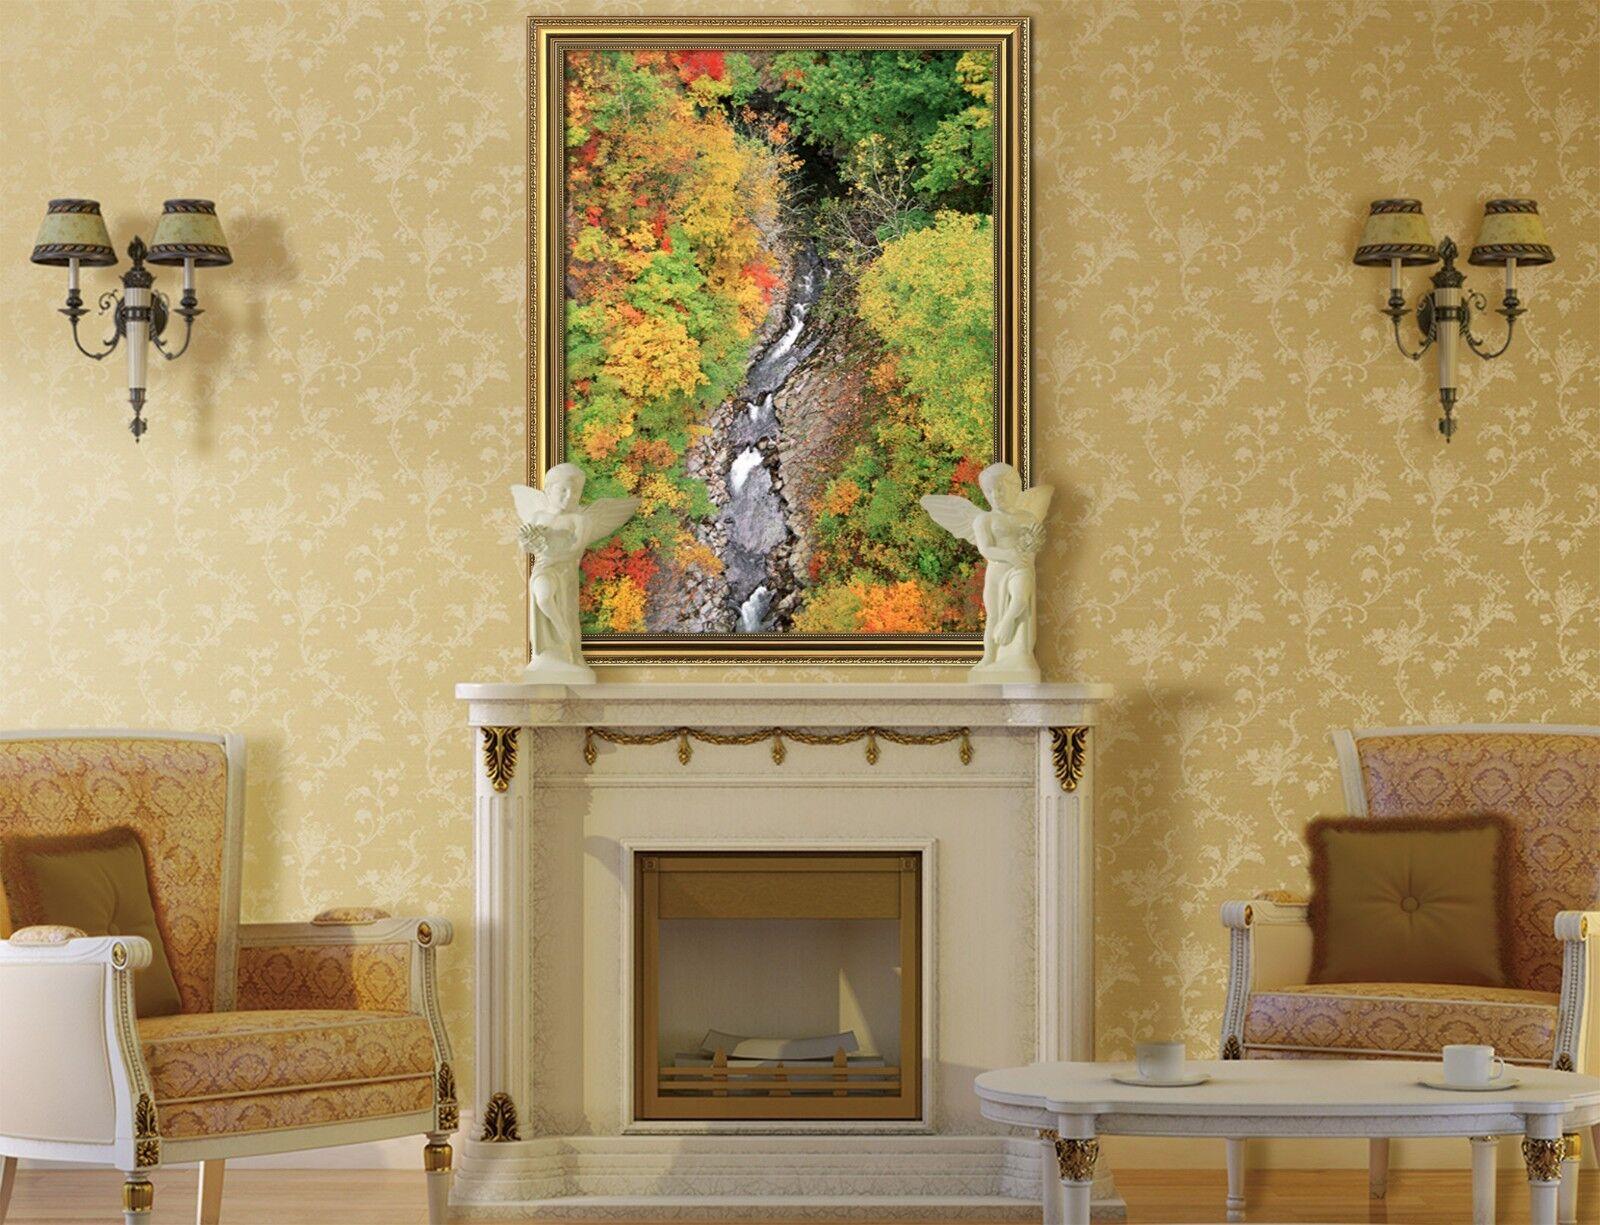 3D arrondi River 47 Framed Poster Home Decor imprimer peinture art AJ UK